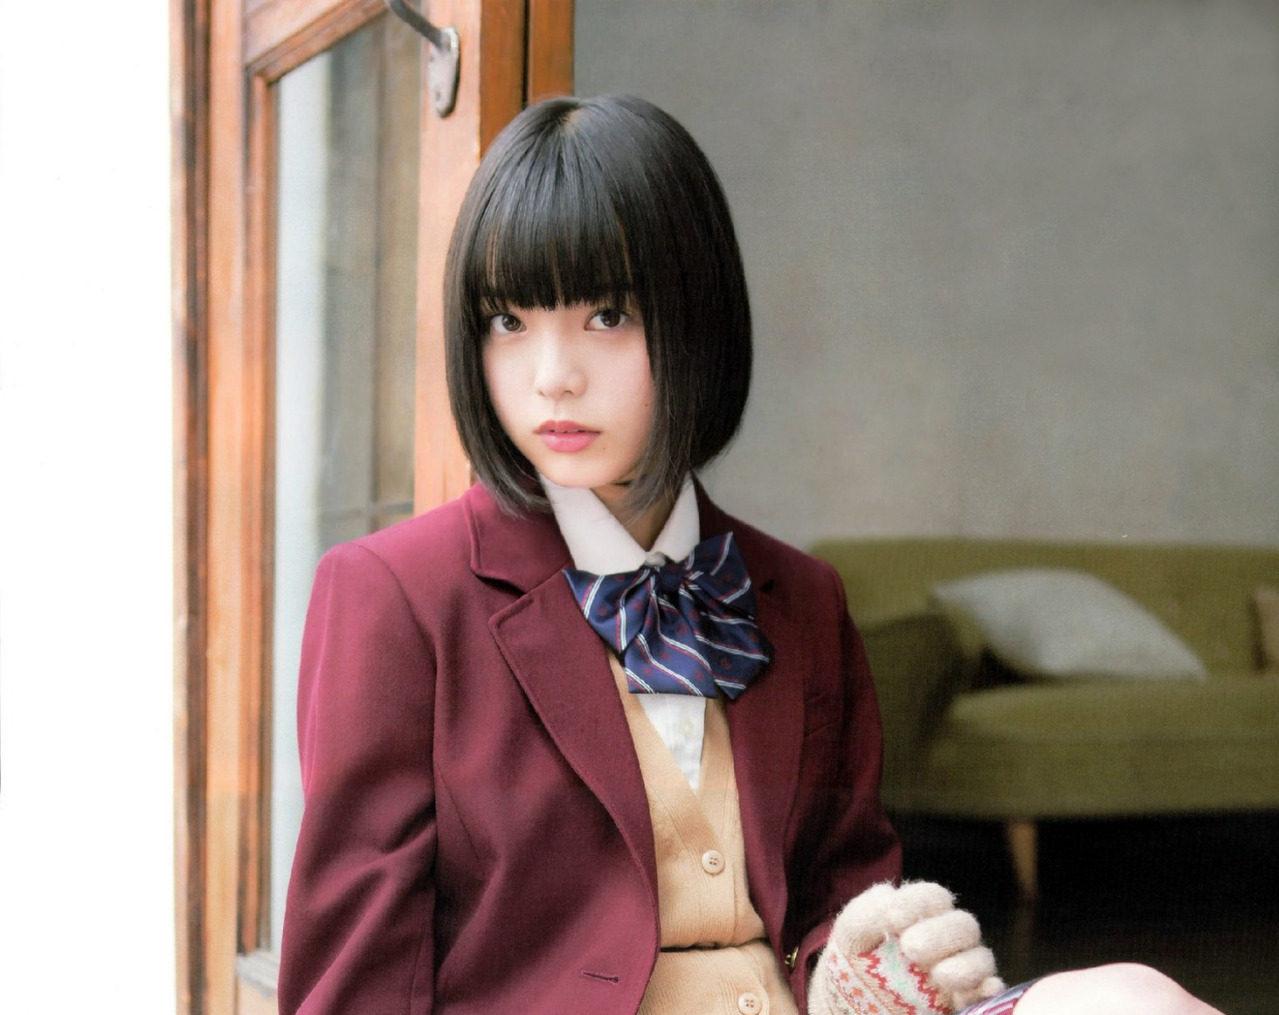 【欅坂46】平手友梨奈、ド派手「金〇」姿で登場www